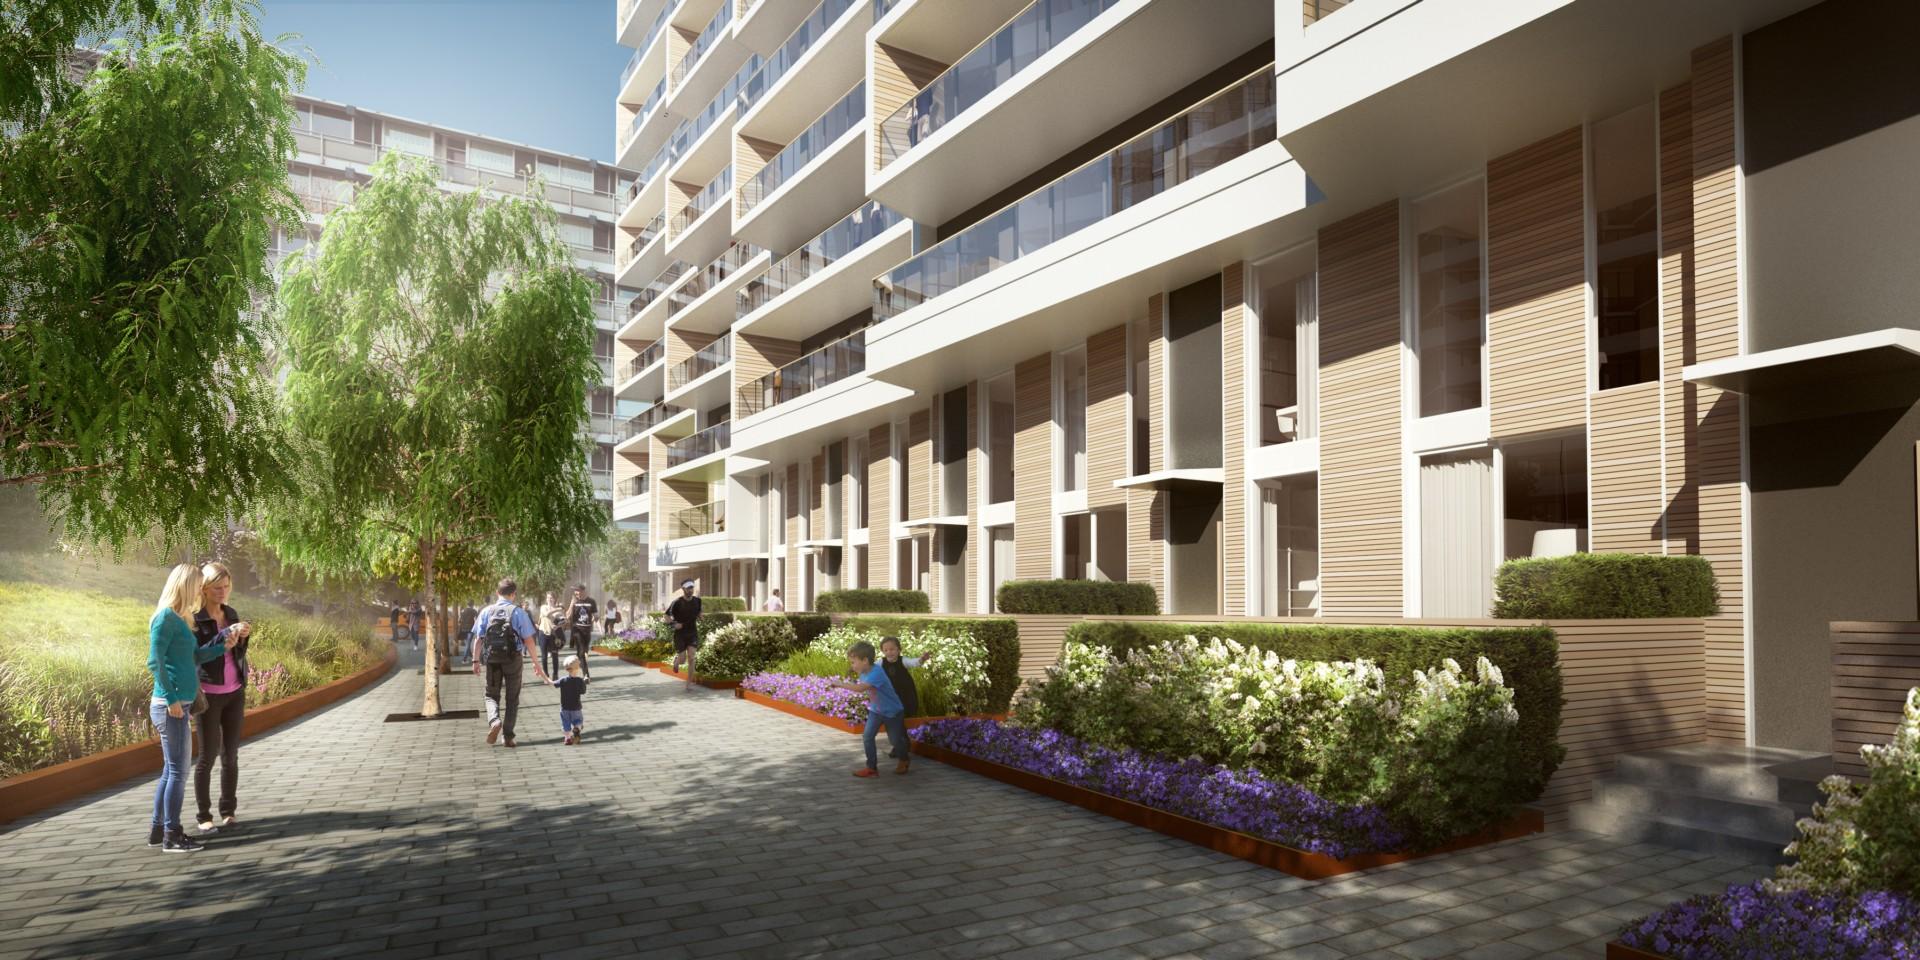 Aquabella et Aqualuna deux projets résidentiels de 3XN Architects pour Toronto